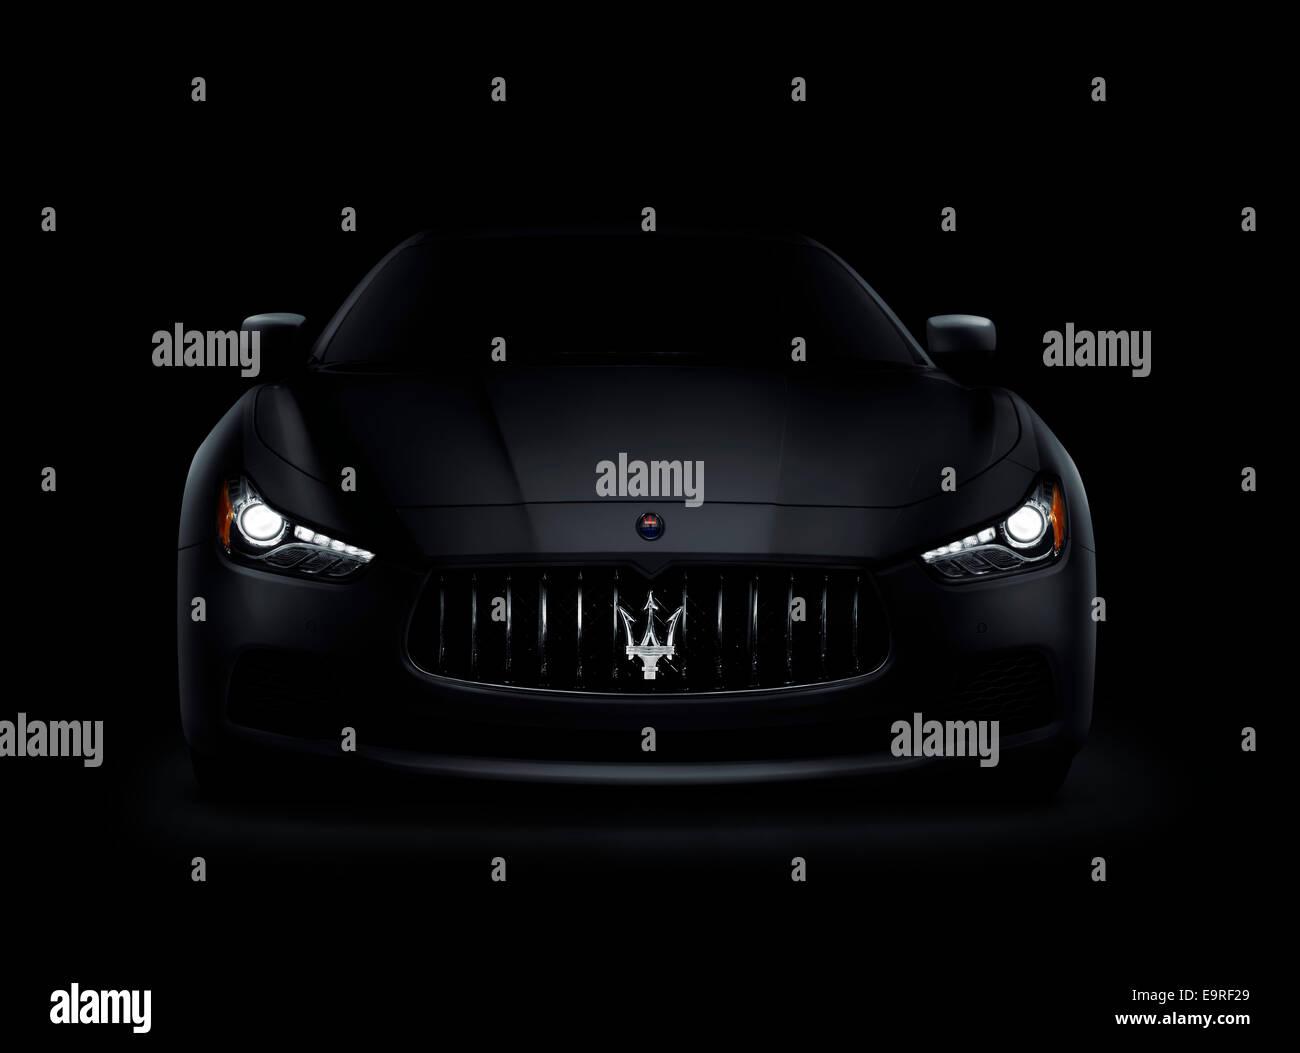 Photo spectaculaire d'un sombre 2014 Maserati Ghibli S Q4 Voiture de luxe, vue avant avec phares lumineux isolé Photo Stock